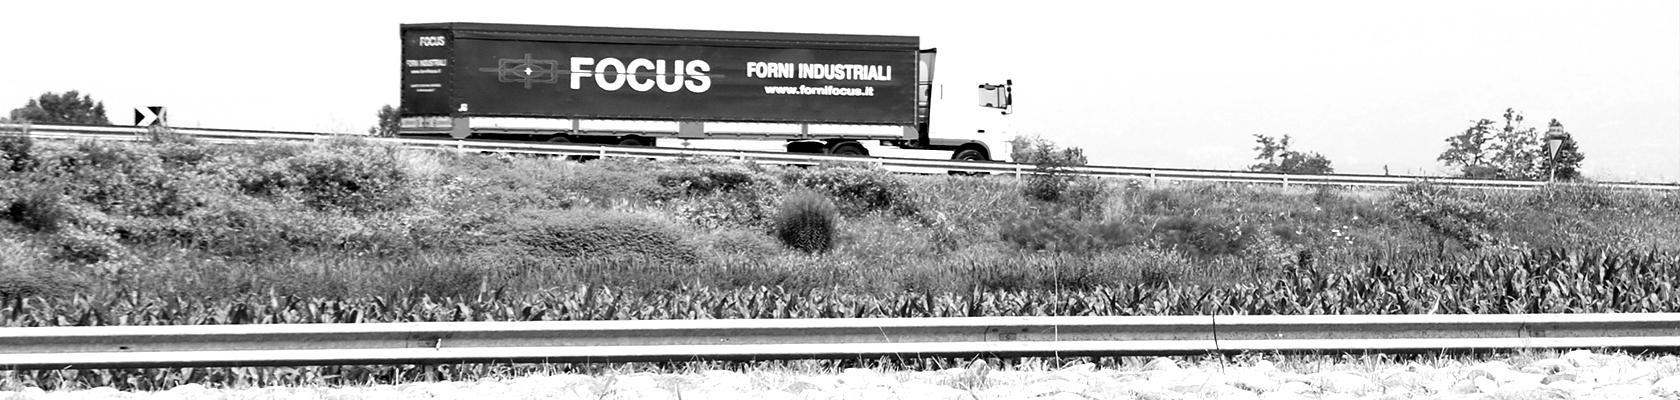 Focus Impianti - Forni per trattamento termico